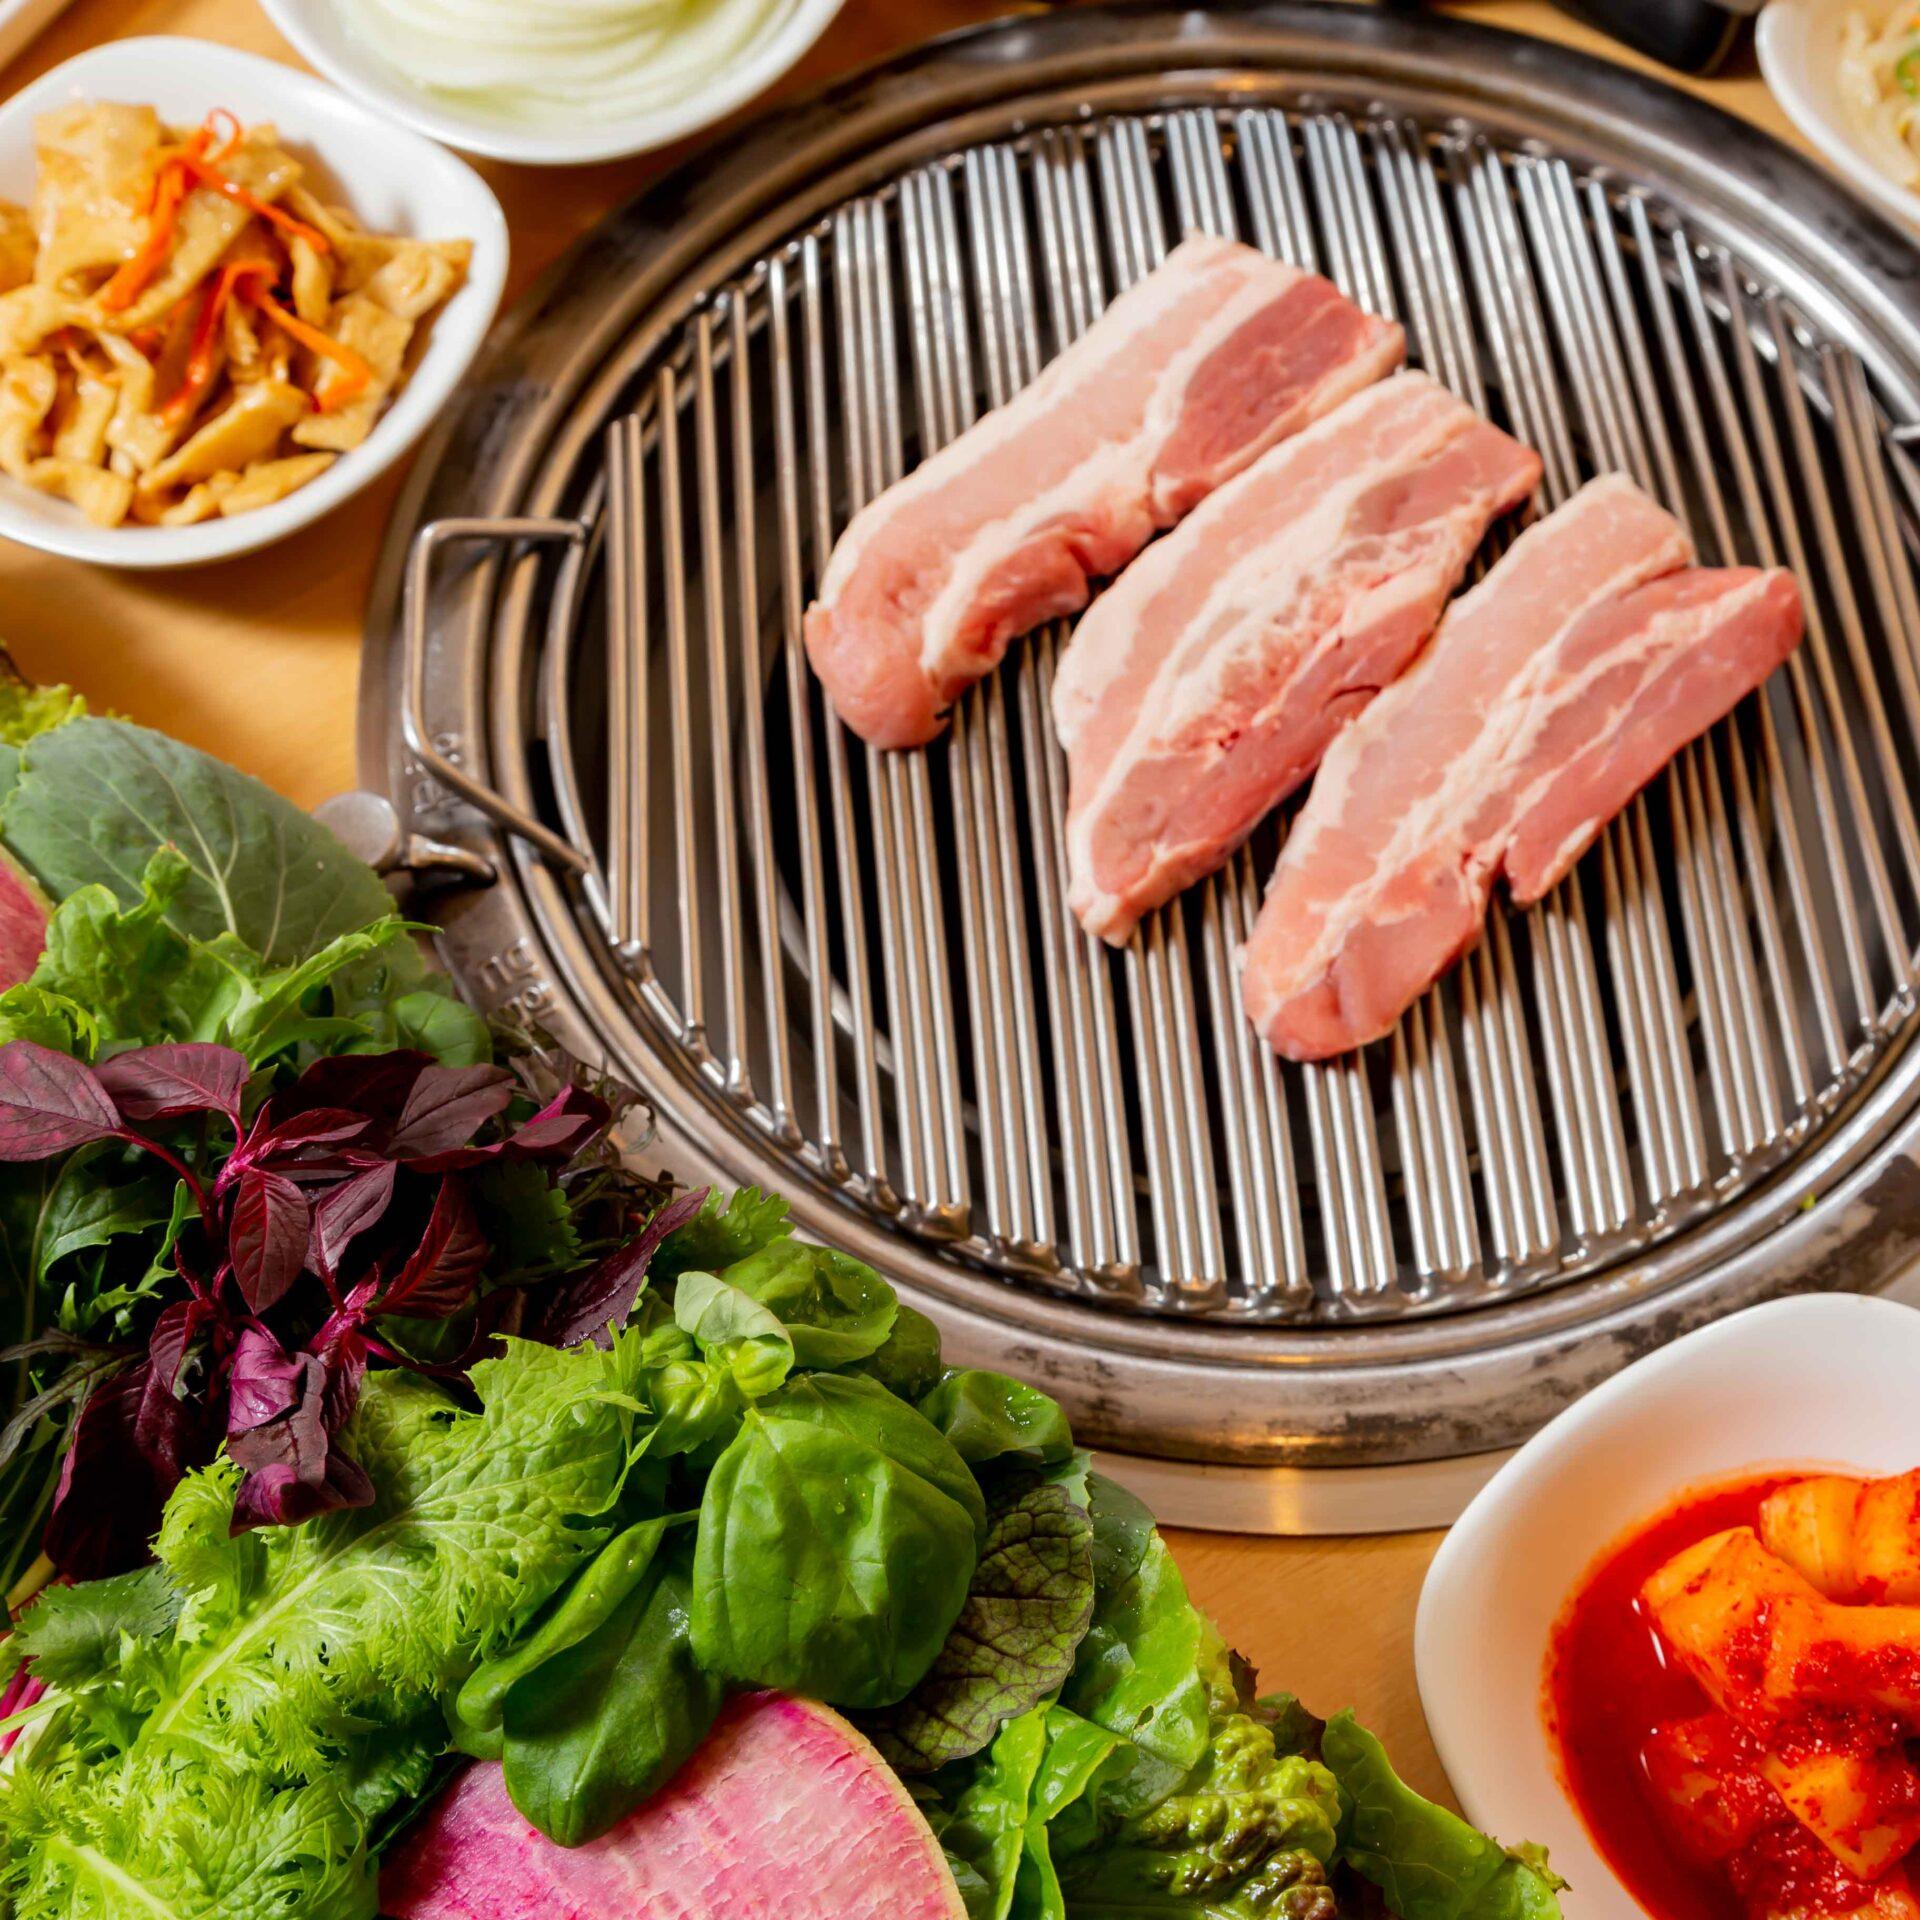 赤坂田町通りにあるサムギョプサルと新鮮野菜が楽しめる「やさい村大地 赤坂田町通り店」の「サムギョプサル」の画像